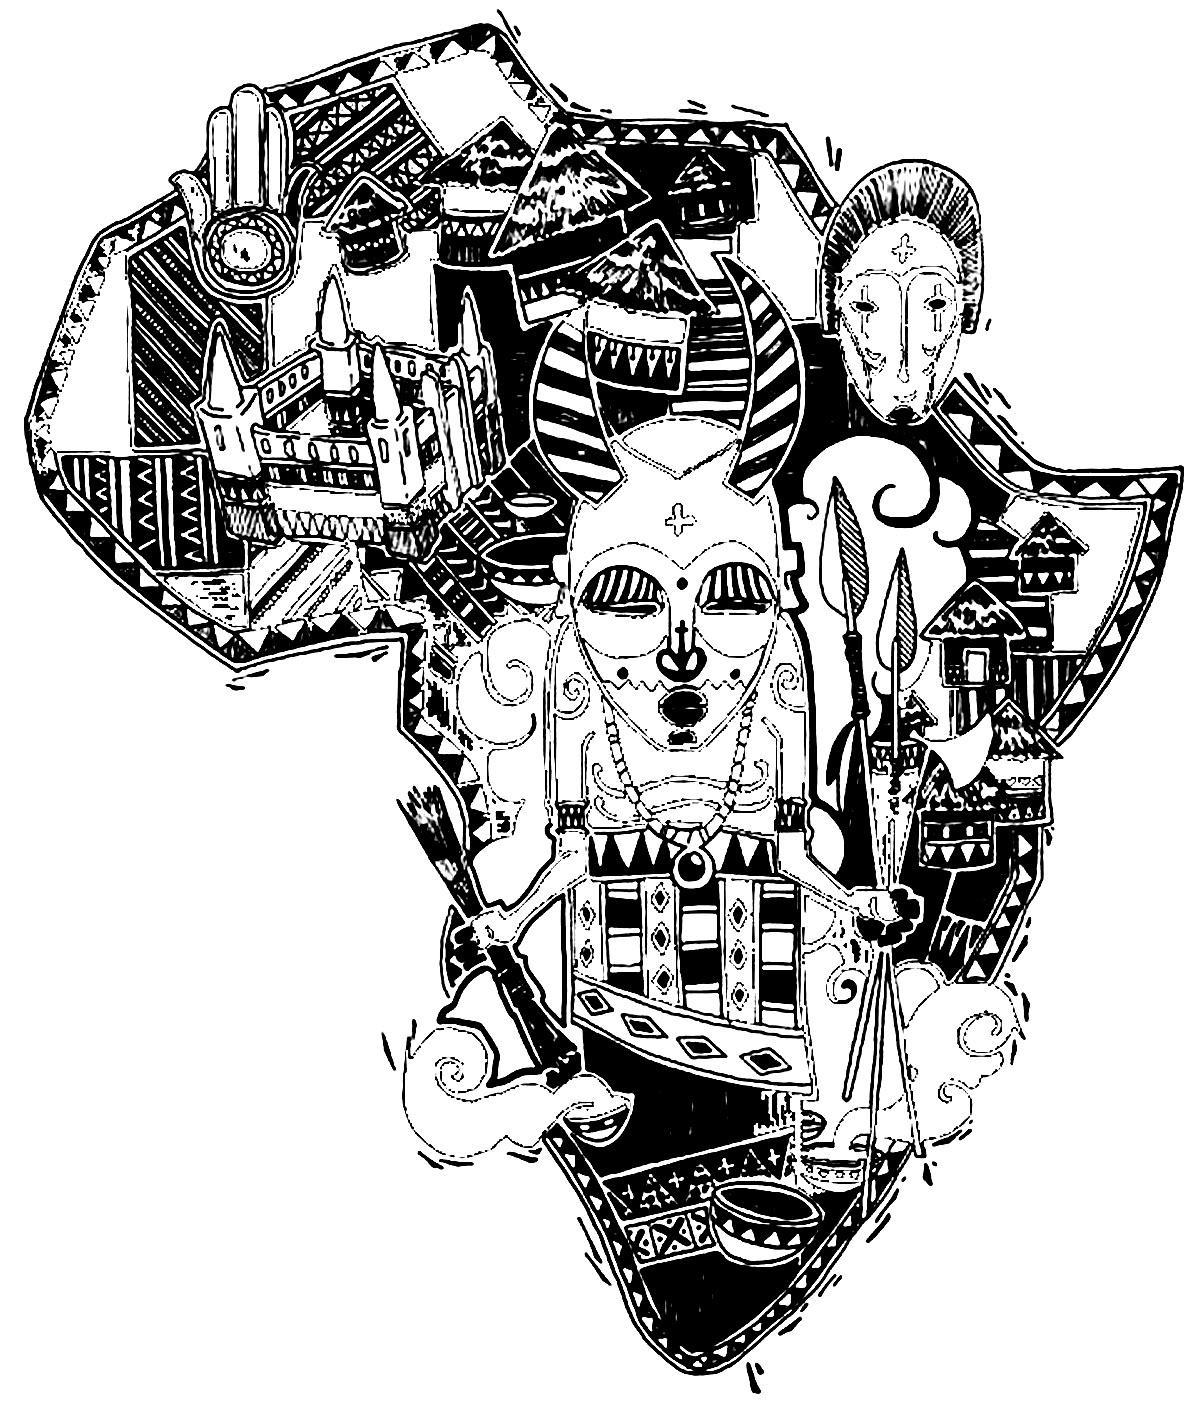 Afrique carte symboles - Afrique - Coloriages difficiles pour adultes